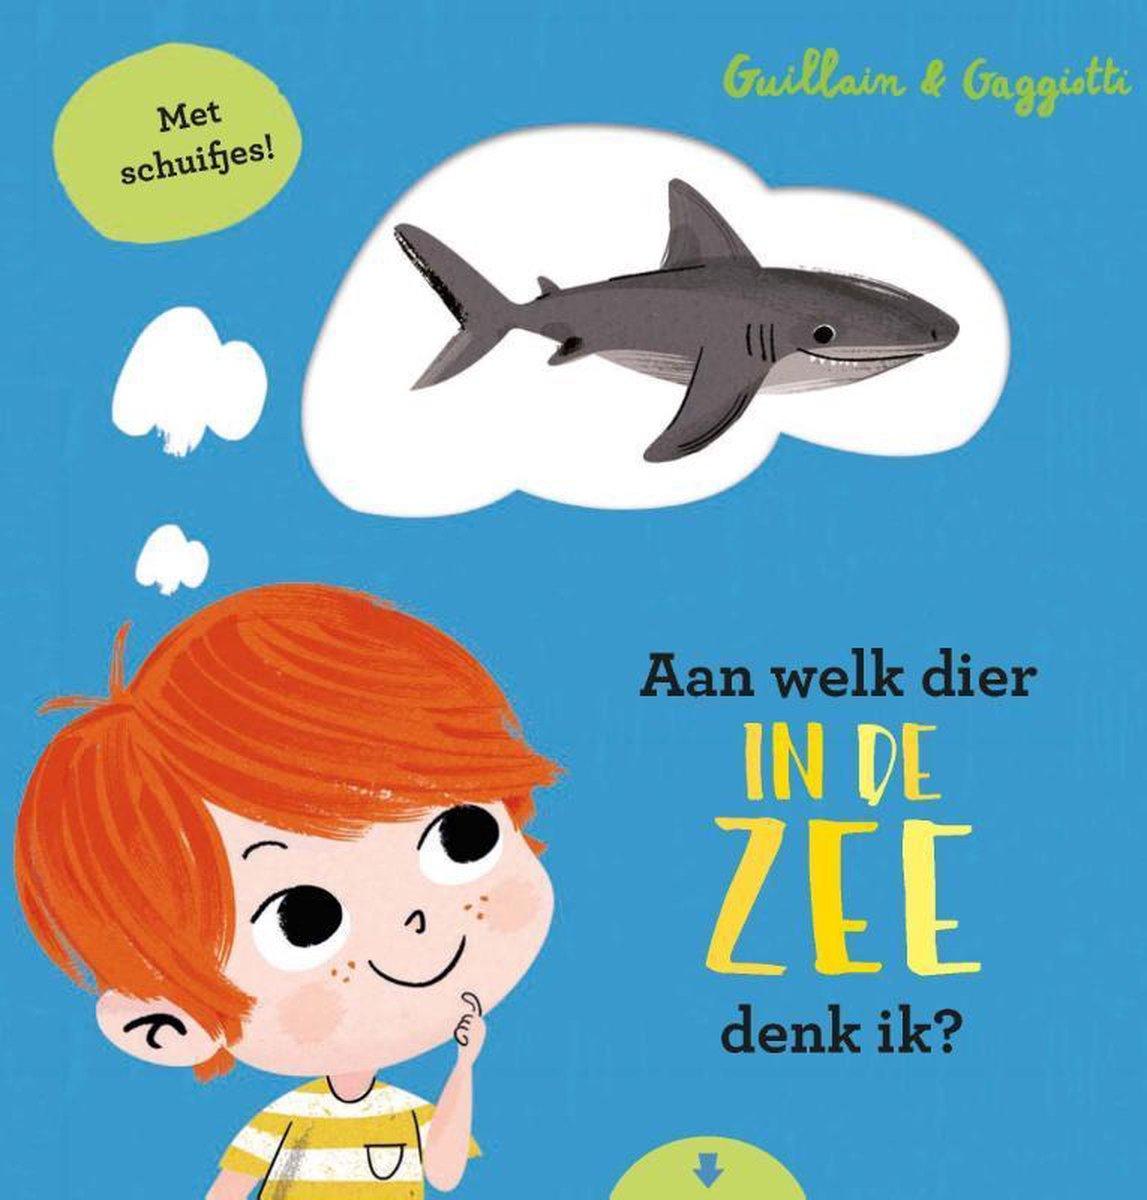 Boek cover van 'Aan welk dier in de zee denk ik?' vertaald door Naomi Tieman